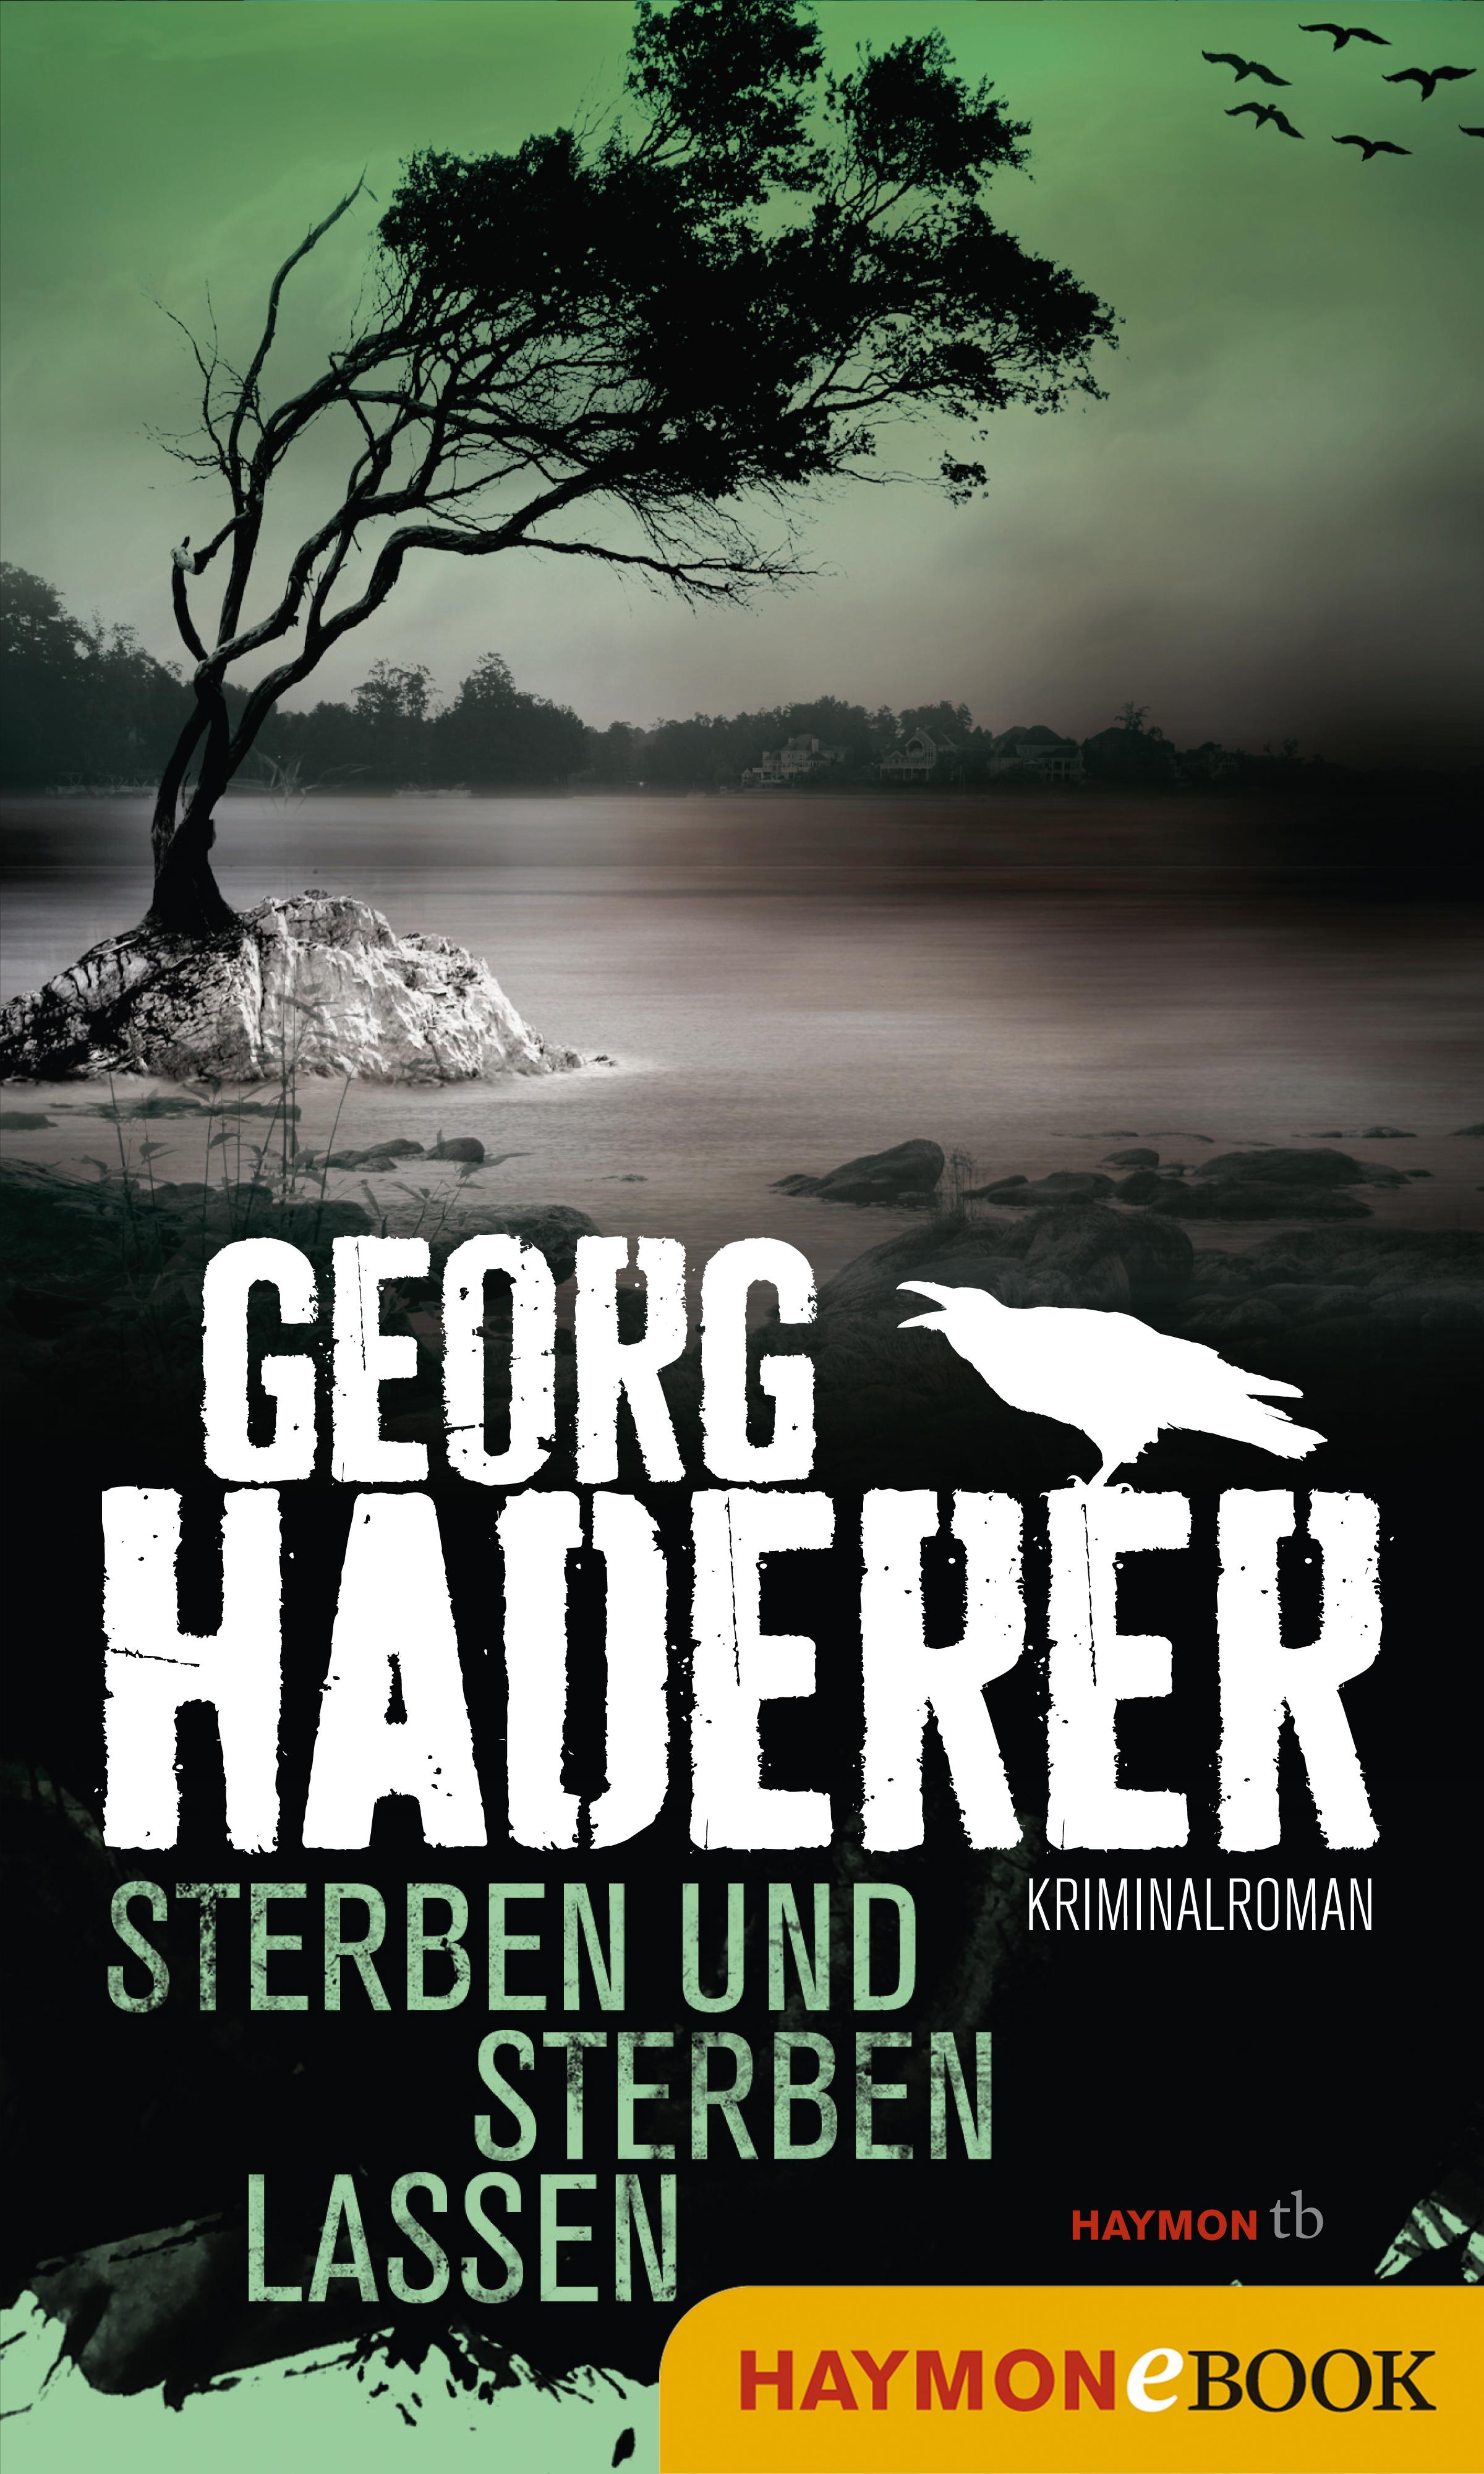 Georg Haderer Sterben und sterben lassen veronika deschliesst zu sterben